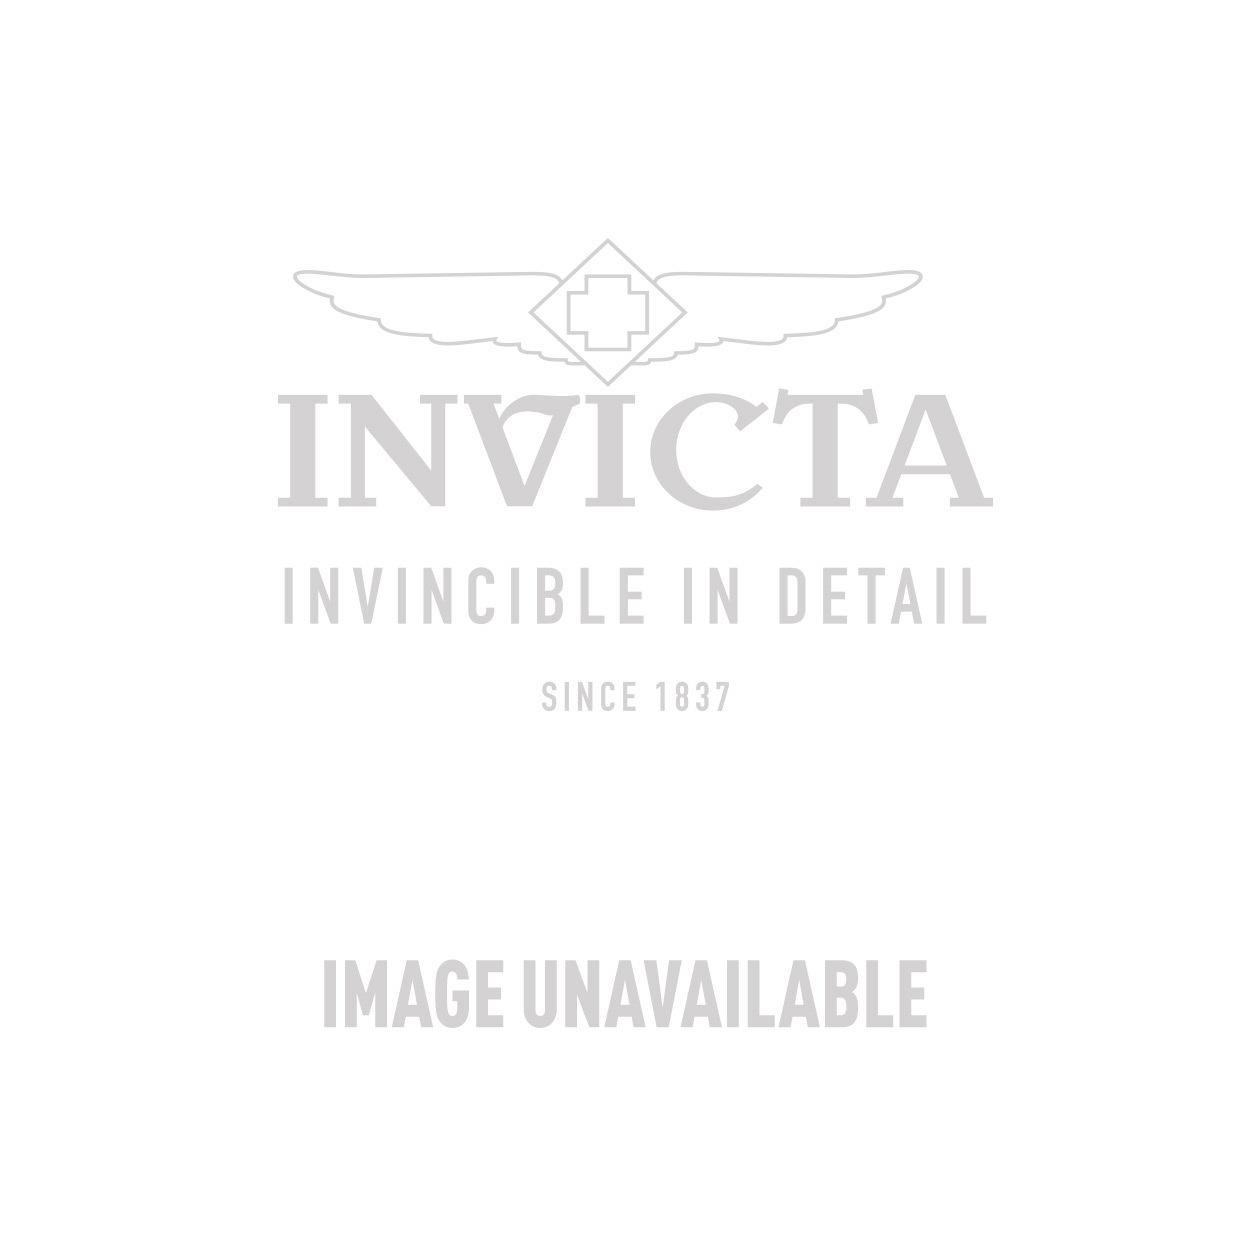 Invicta Model 27092